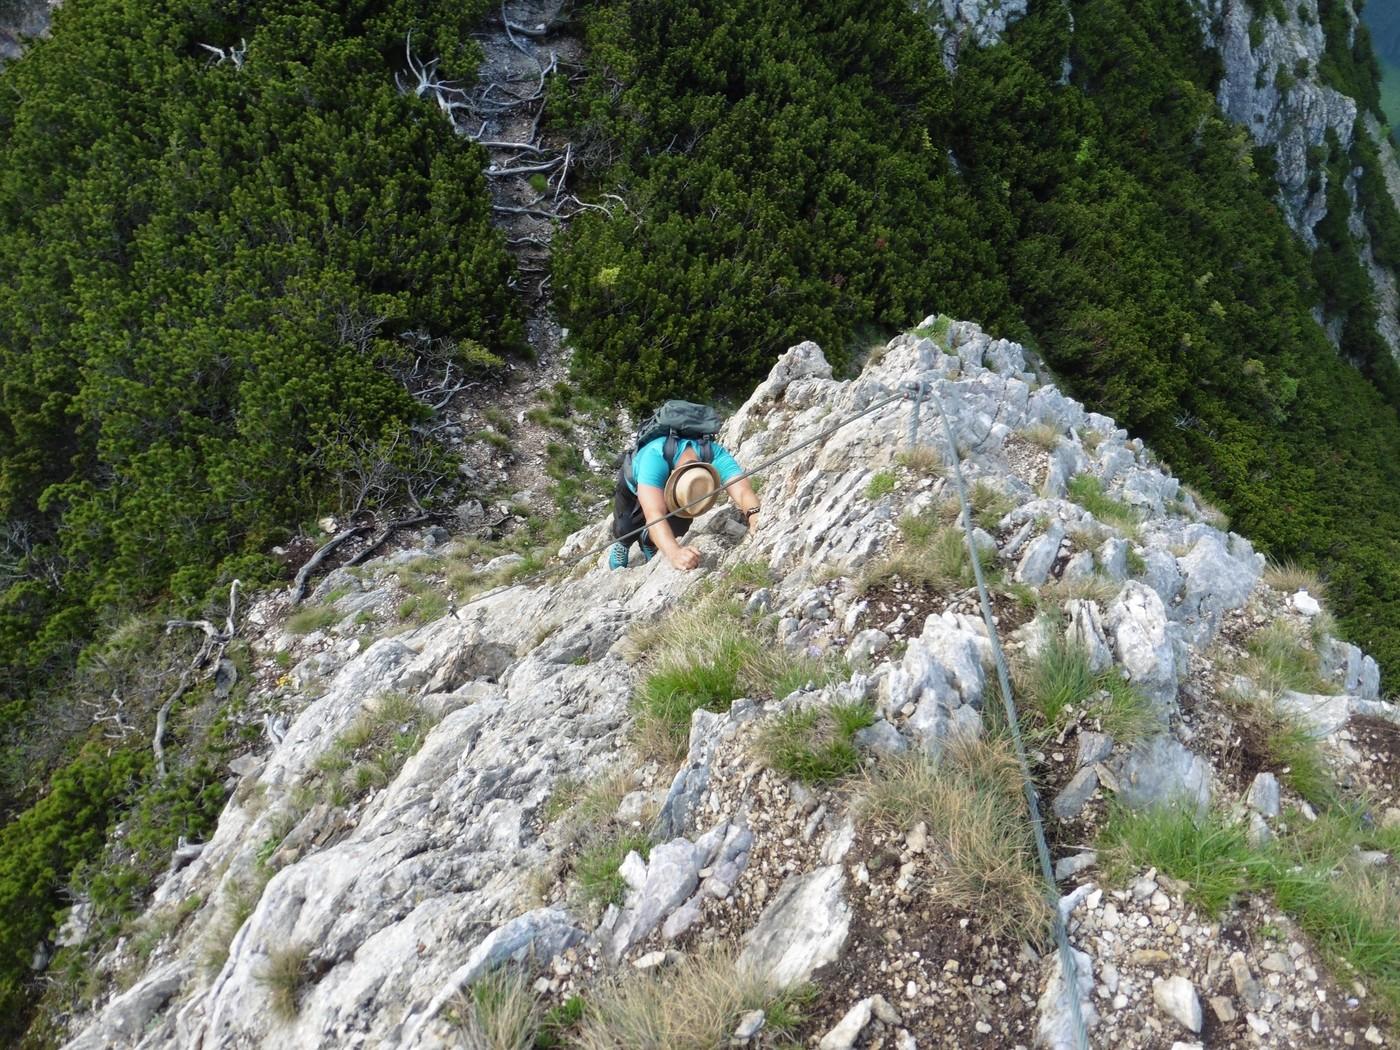 Eisenerzer Klettersteig : Grete klinger steig eisenerzer alpen klettersteig gbl